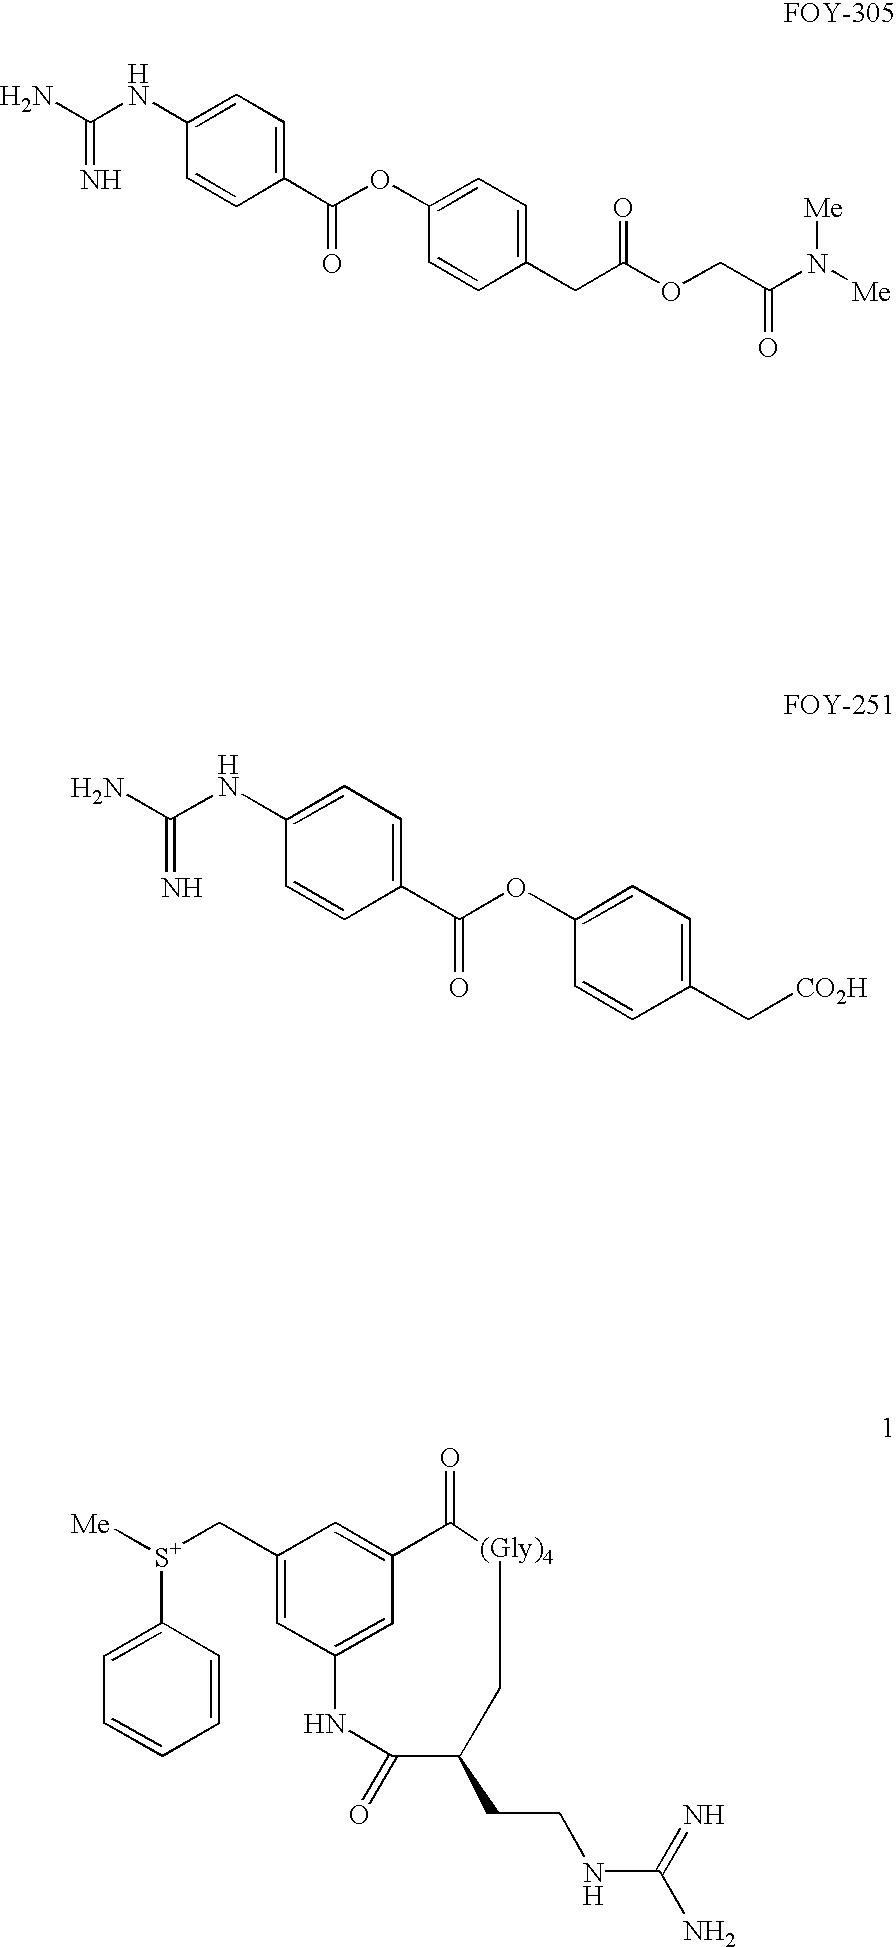 Figure US20030199440A1-20031023-C00002